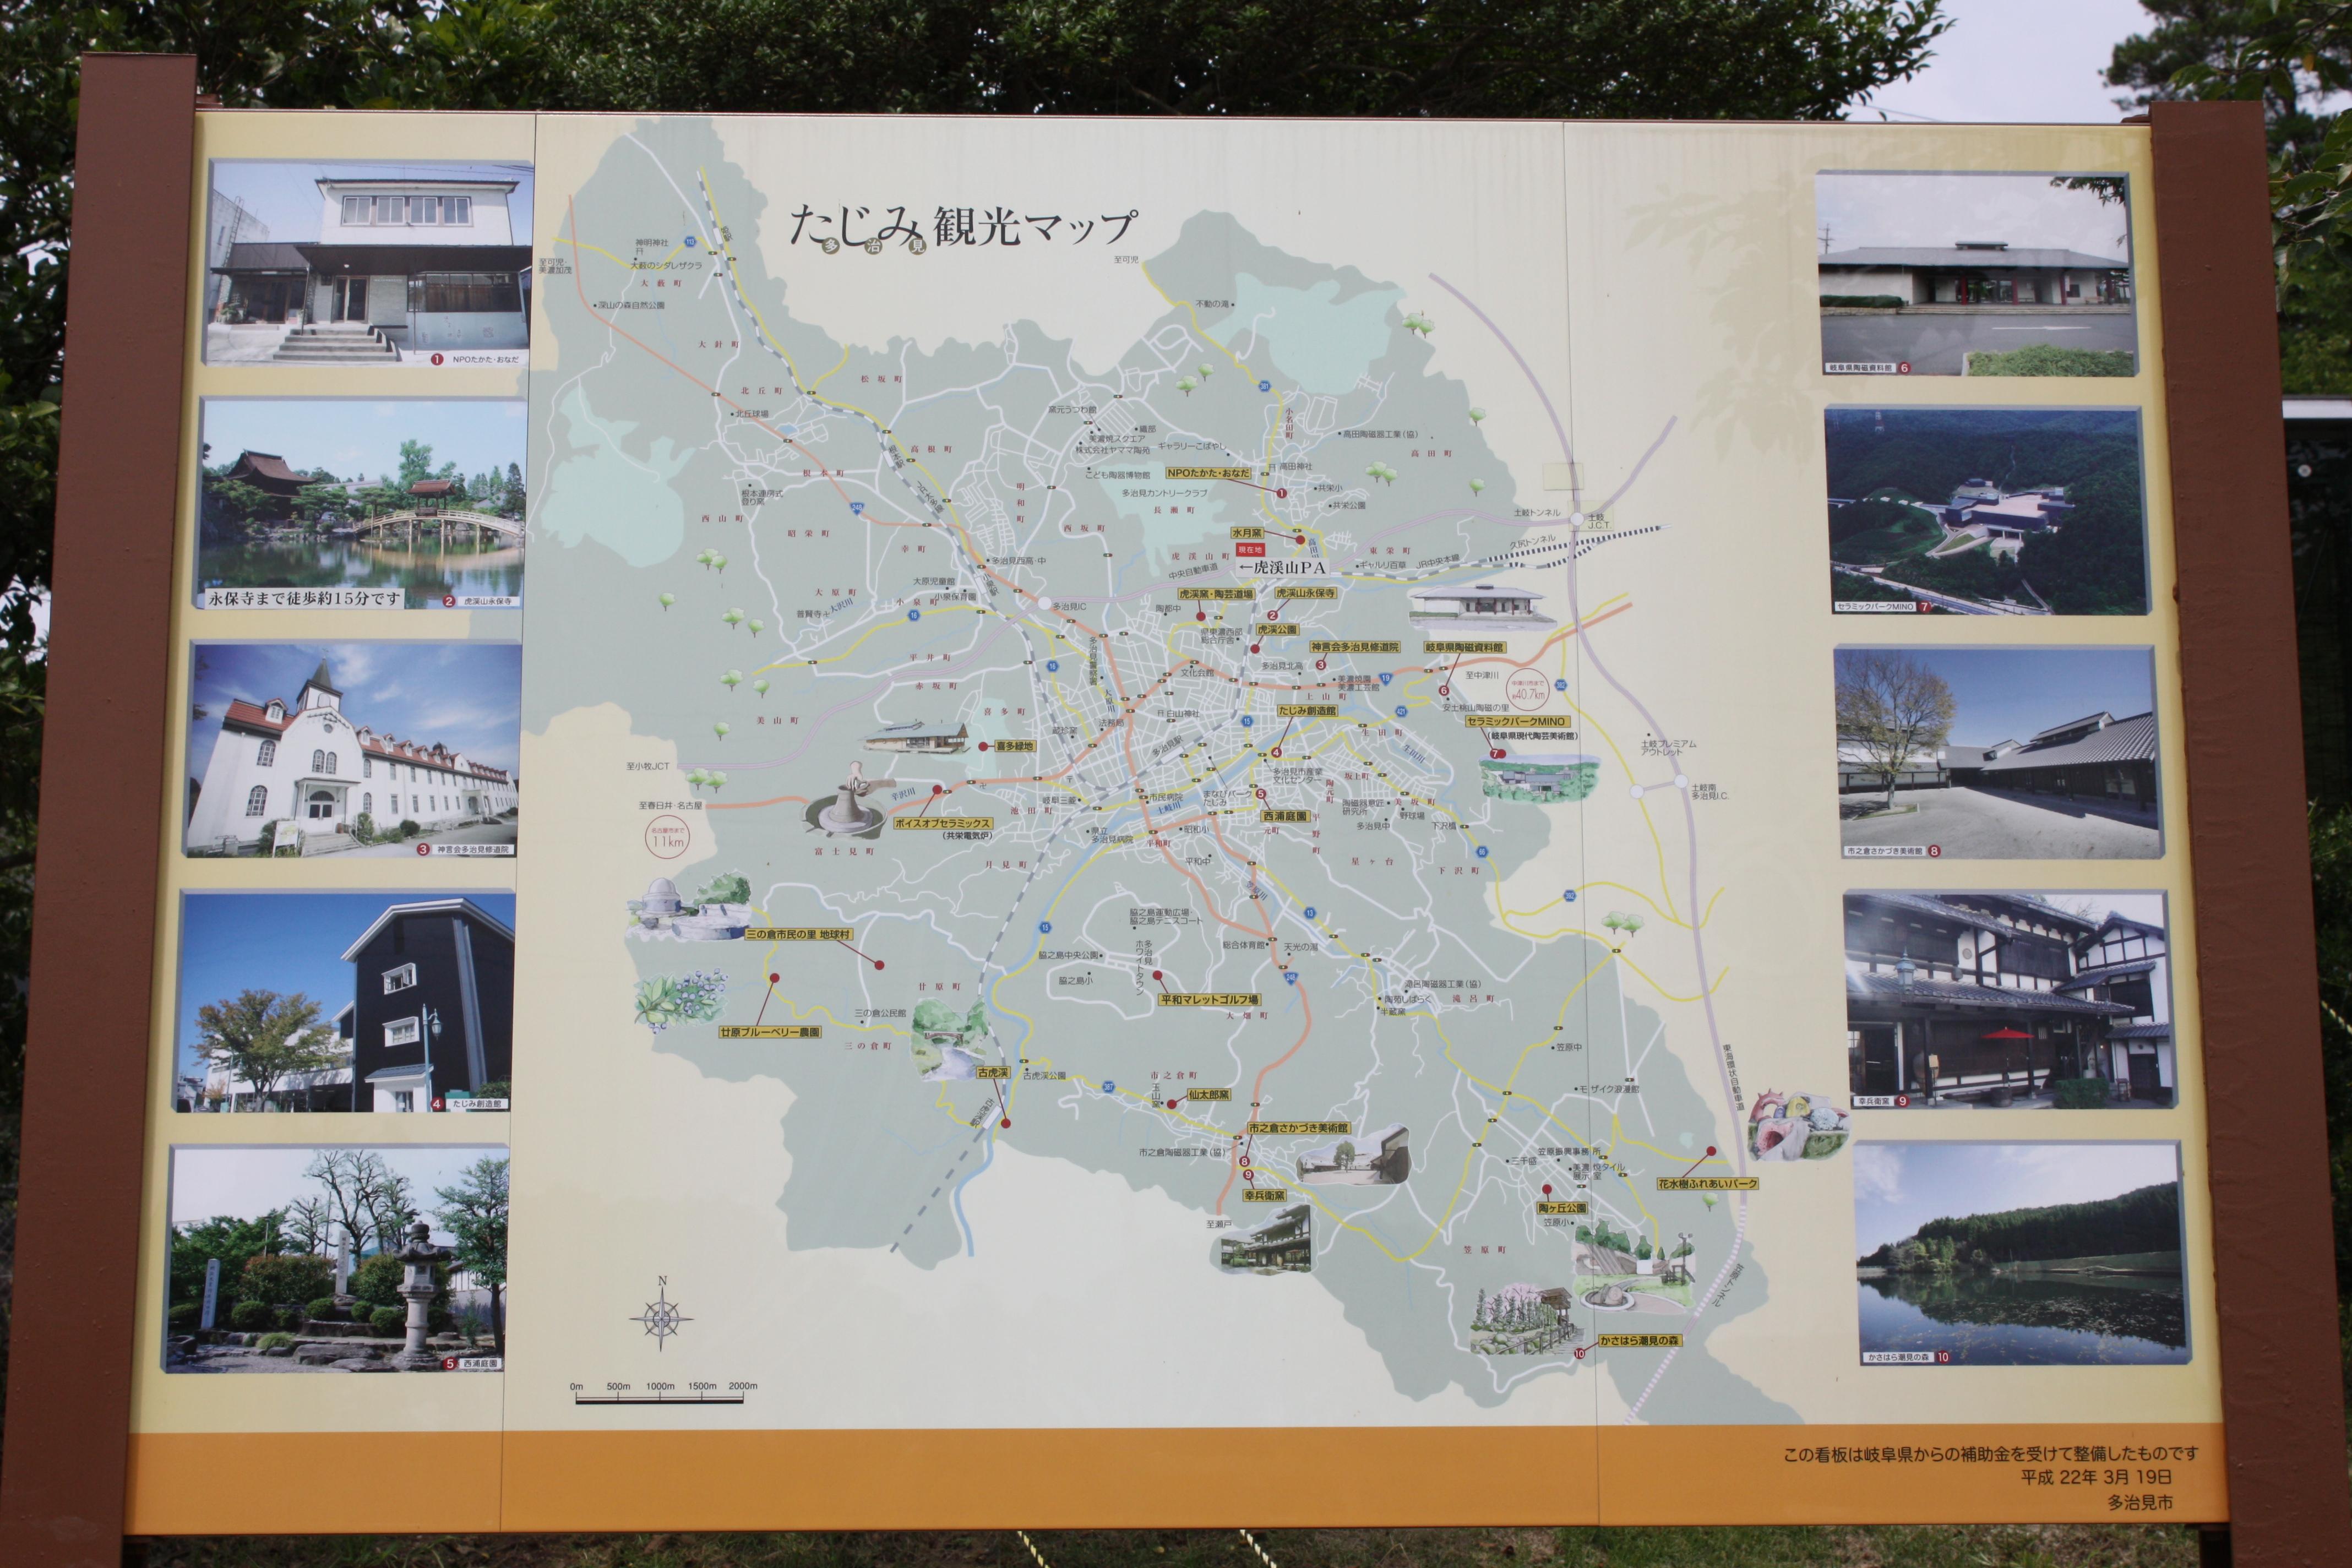 虎渓山PA(上り線)多治見map